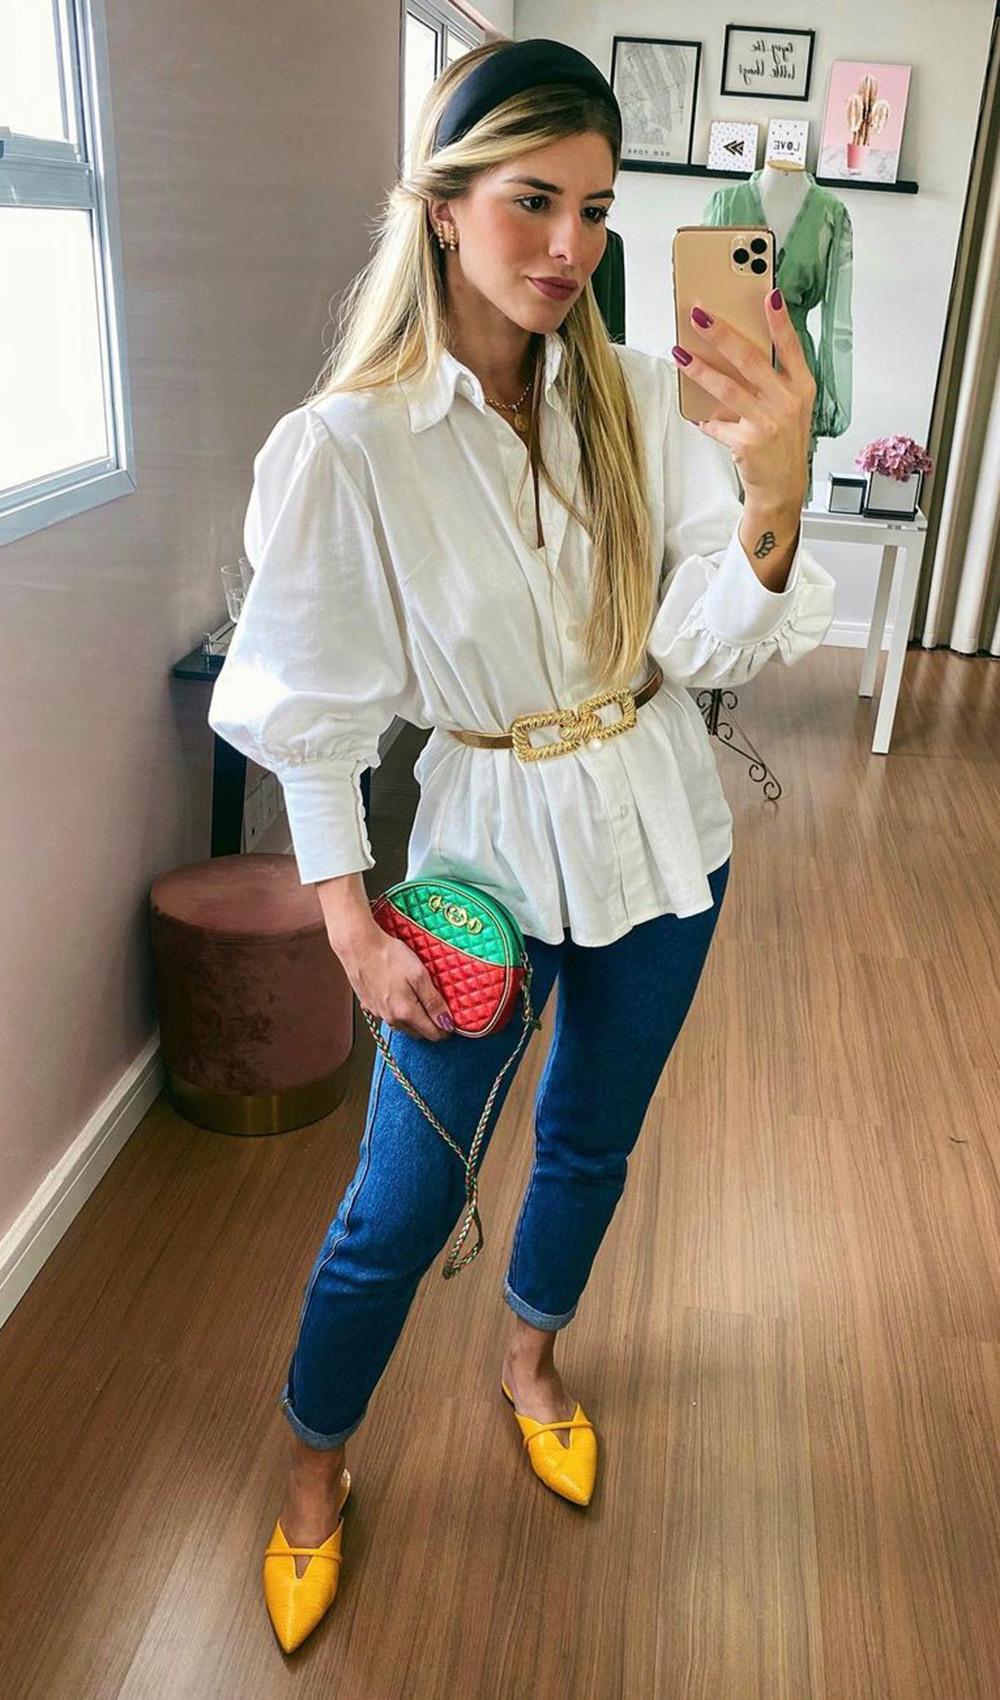 jeans escuro, camisa branca, cinto dourado e bolsa colorida